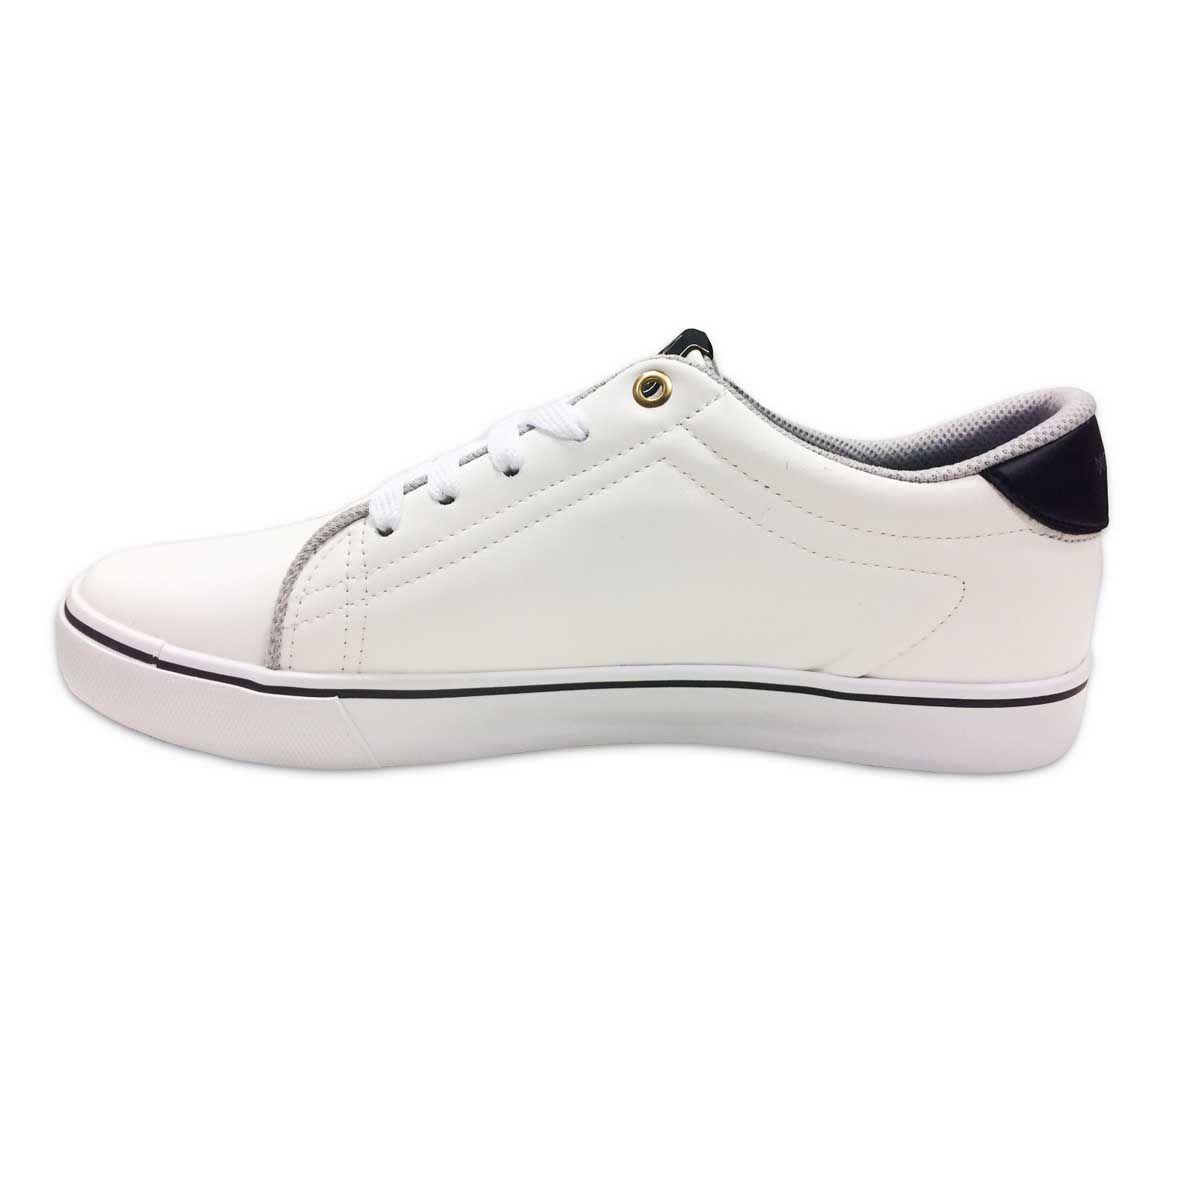 Tênis Comply skate unissex 12150 branco